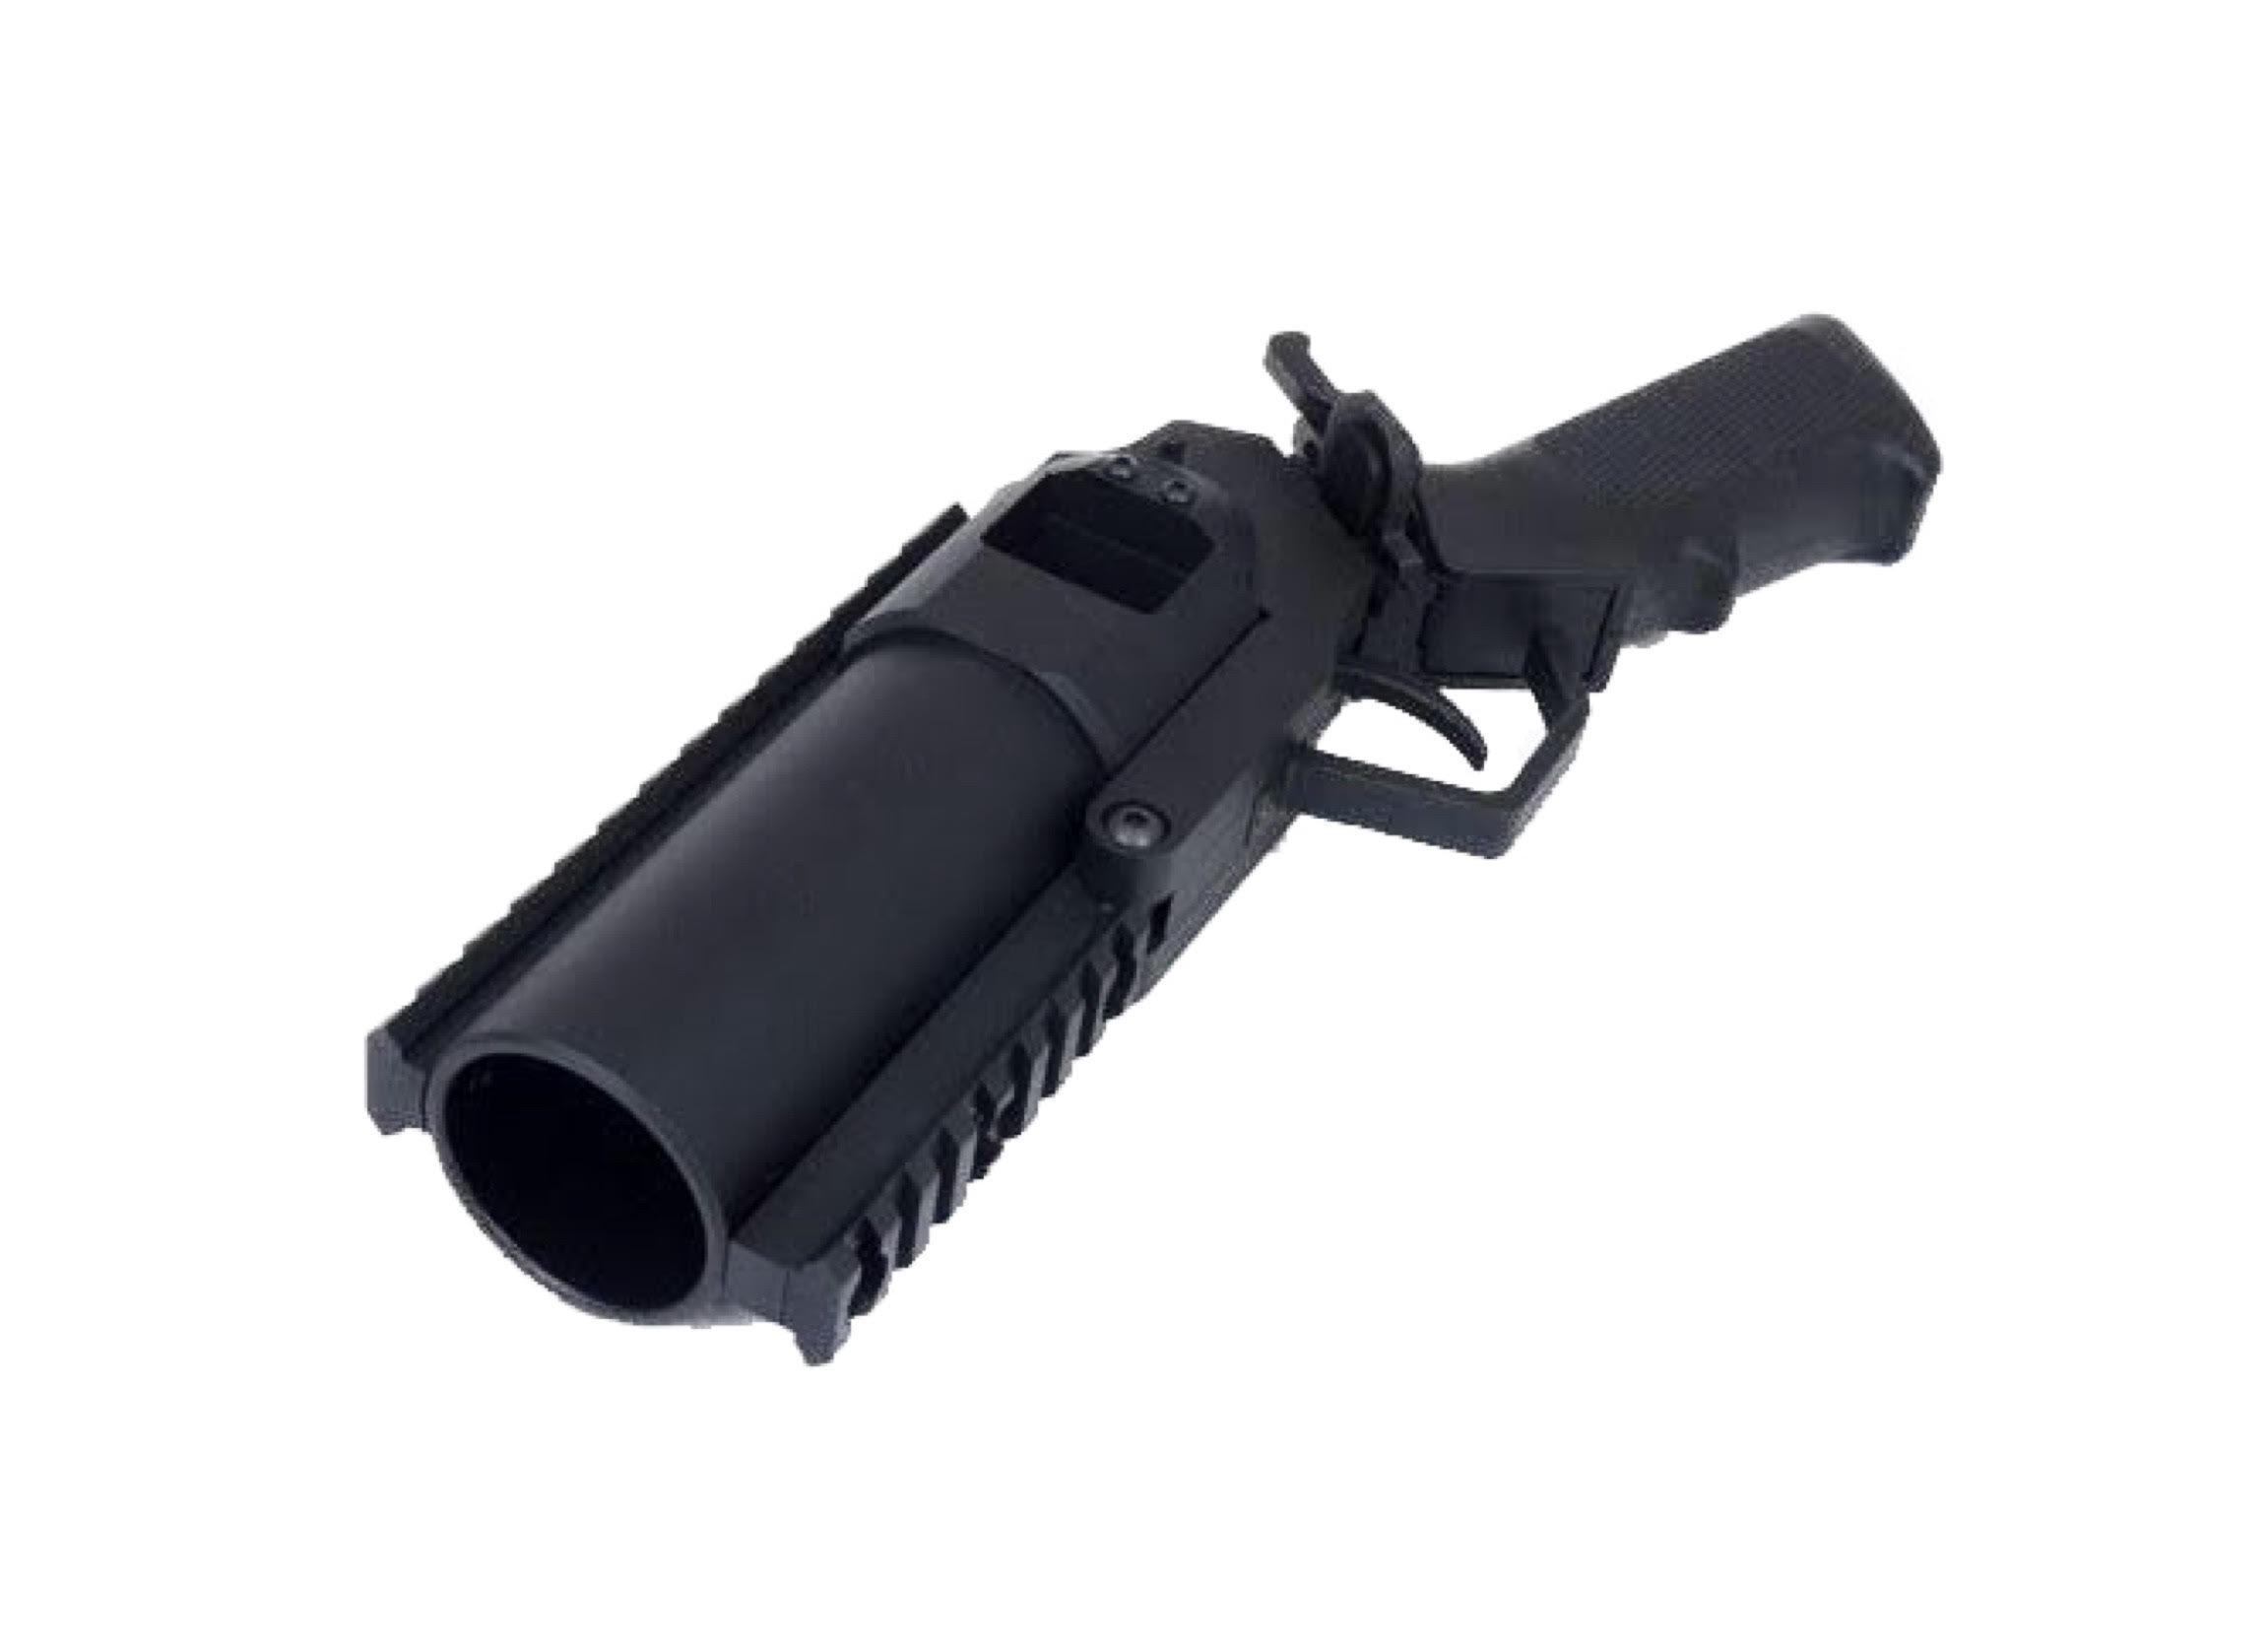 CYMA Pistol style 40mm Grenade Shell Launcher